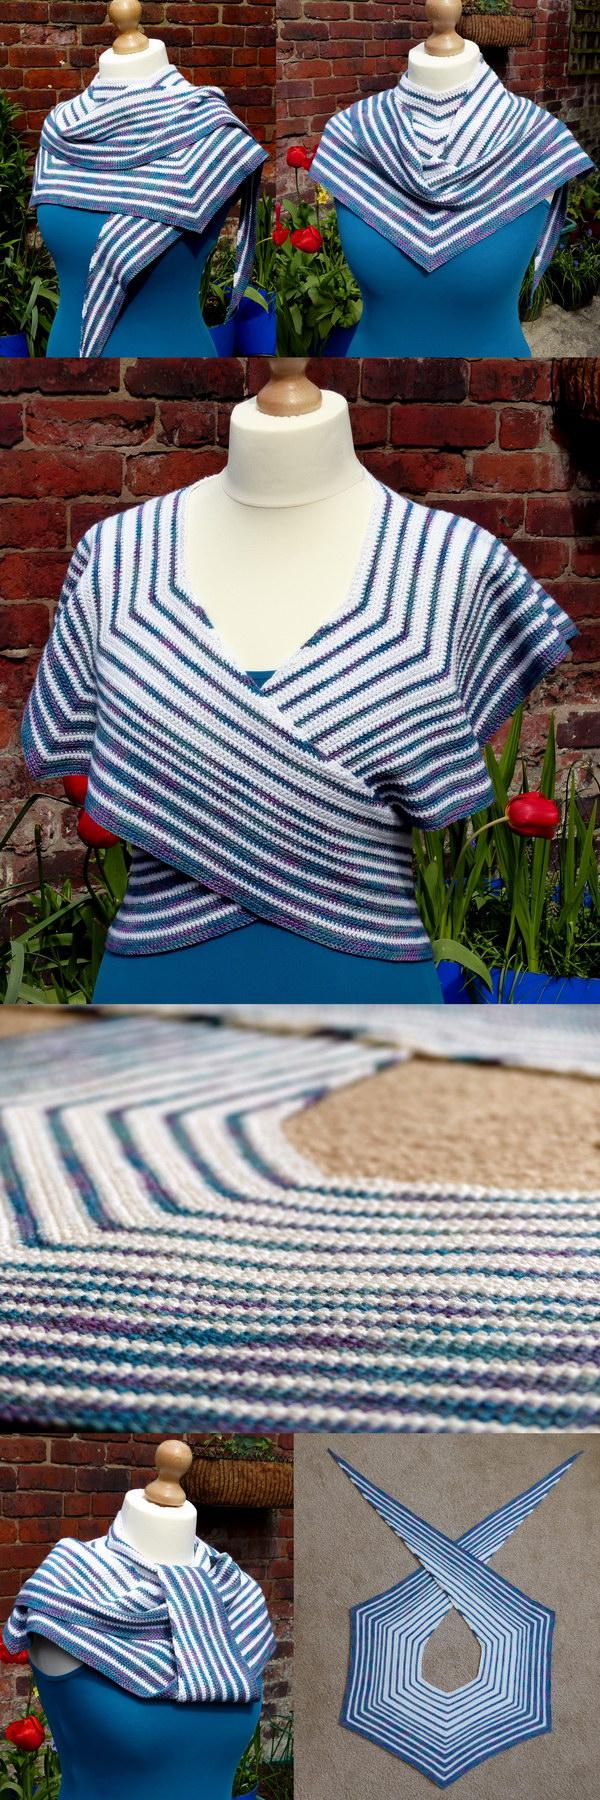 Pacific Rim Crochet Shawl.